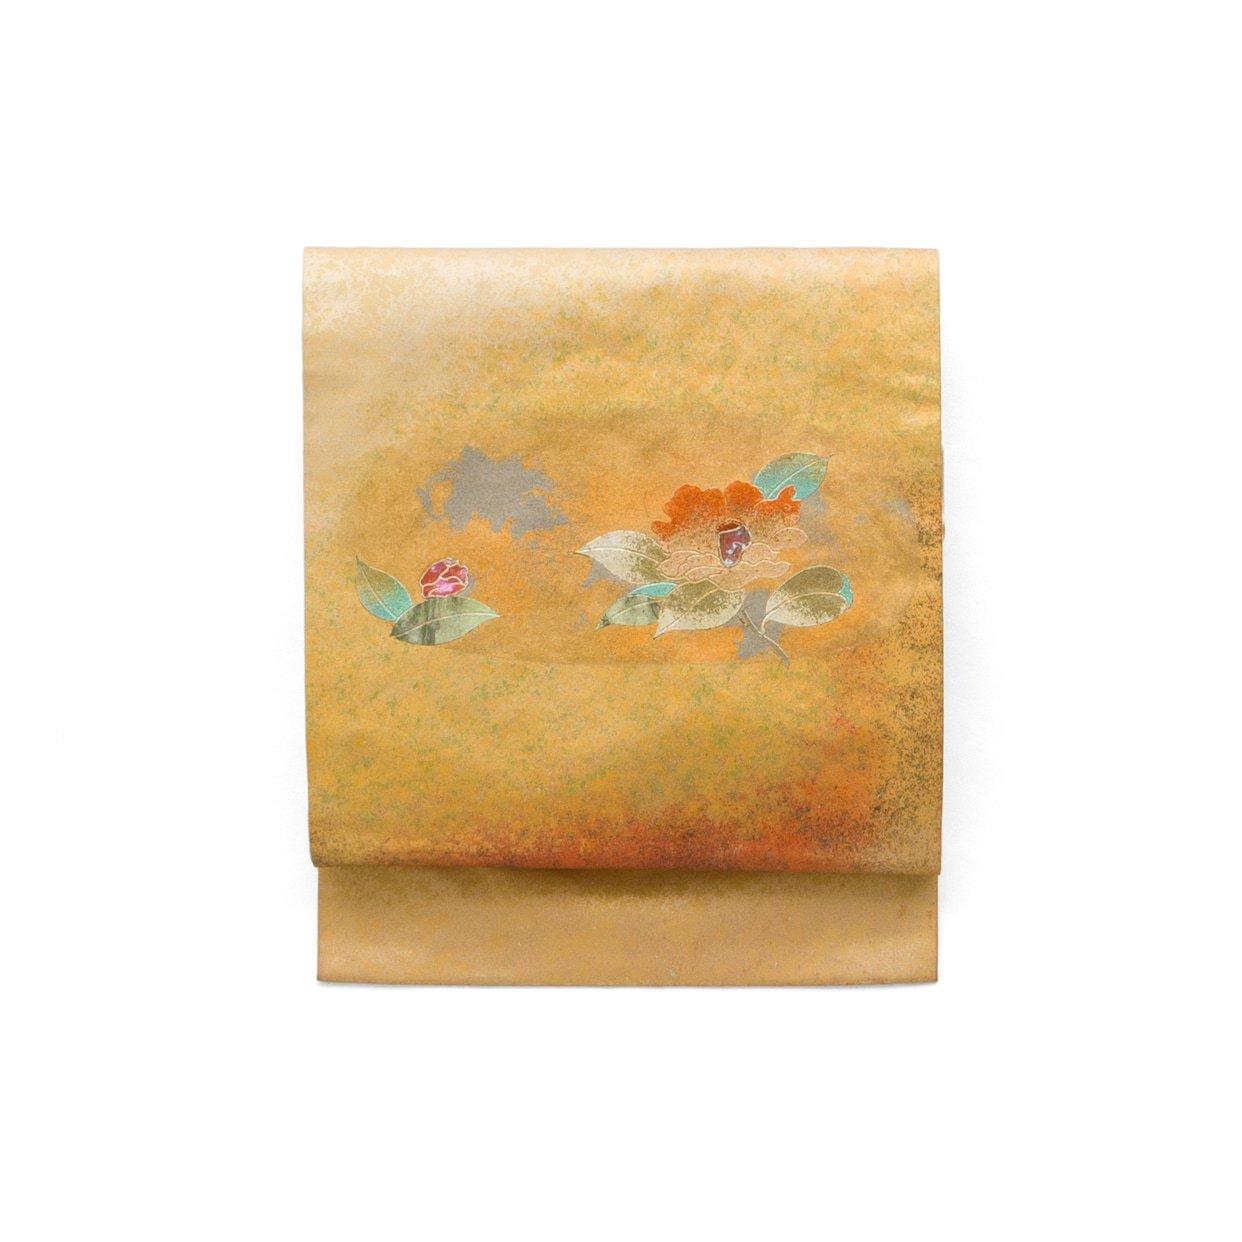 「螺鈿の椿」の商品画像